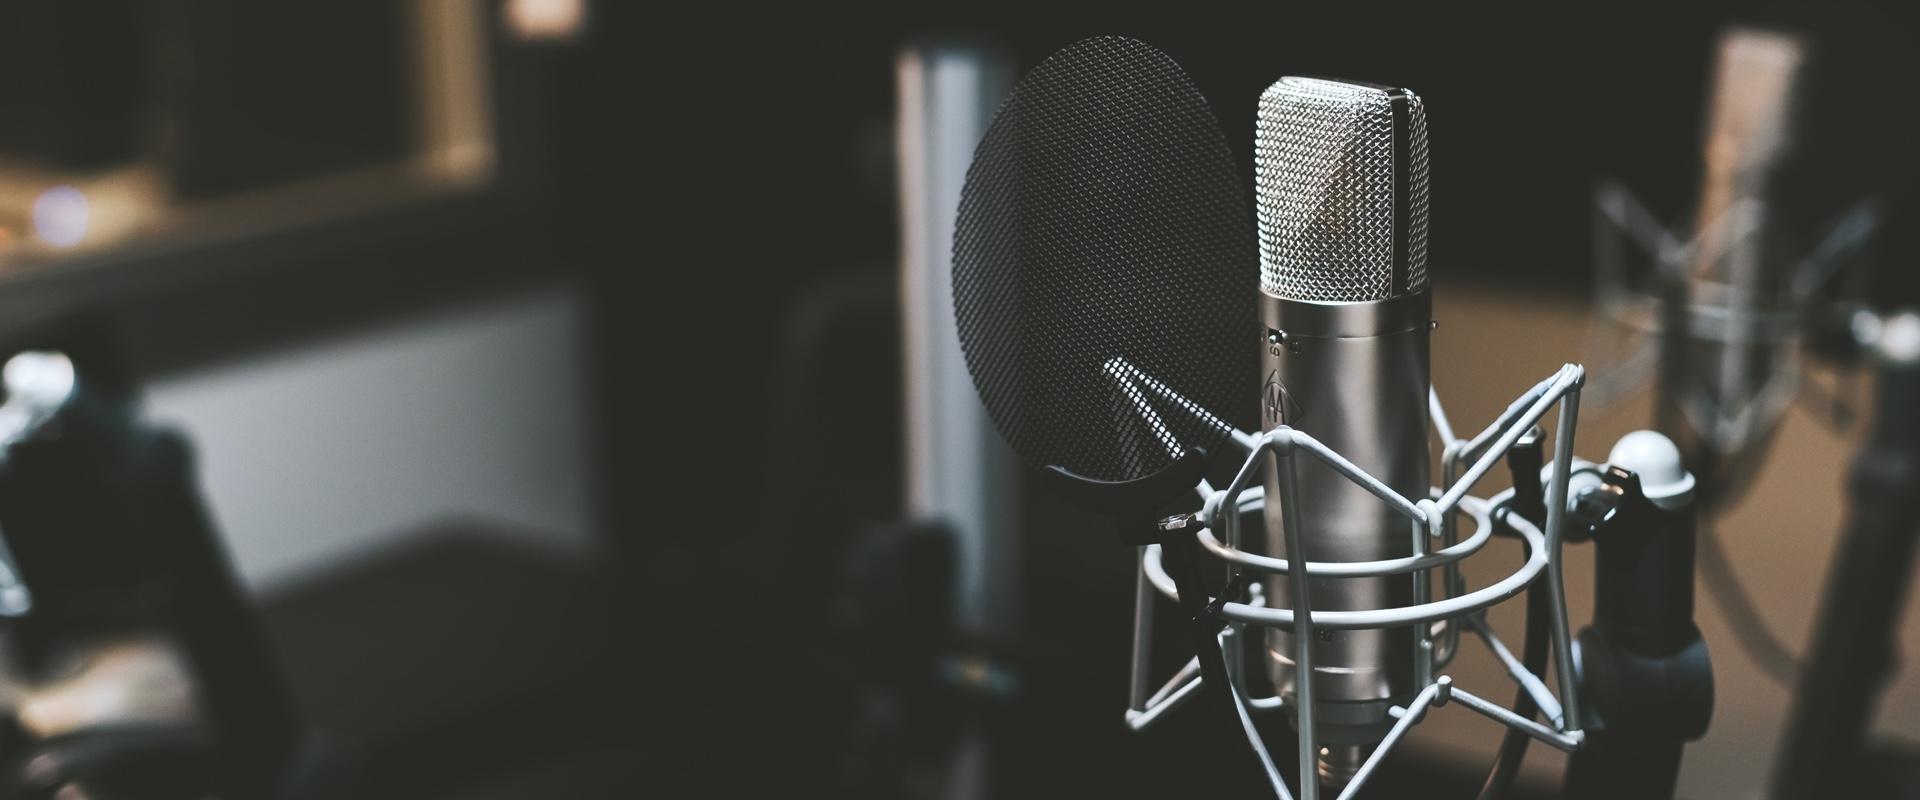 Microphone-studio-podcast